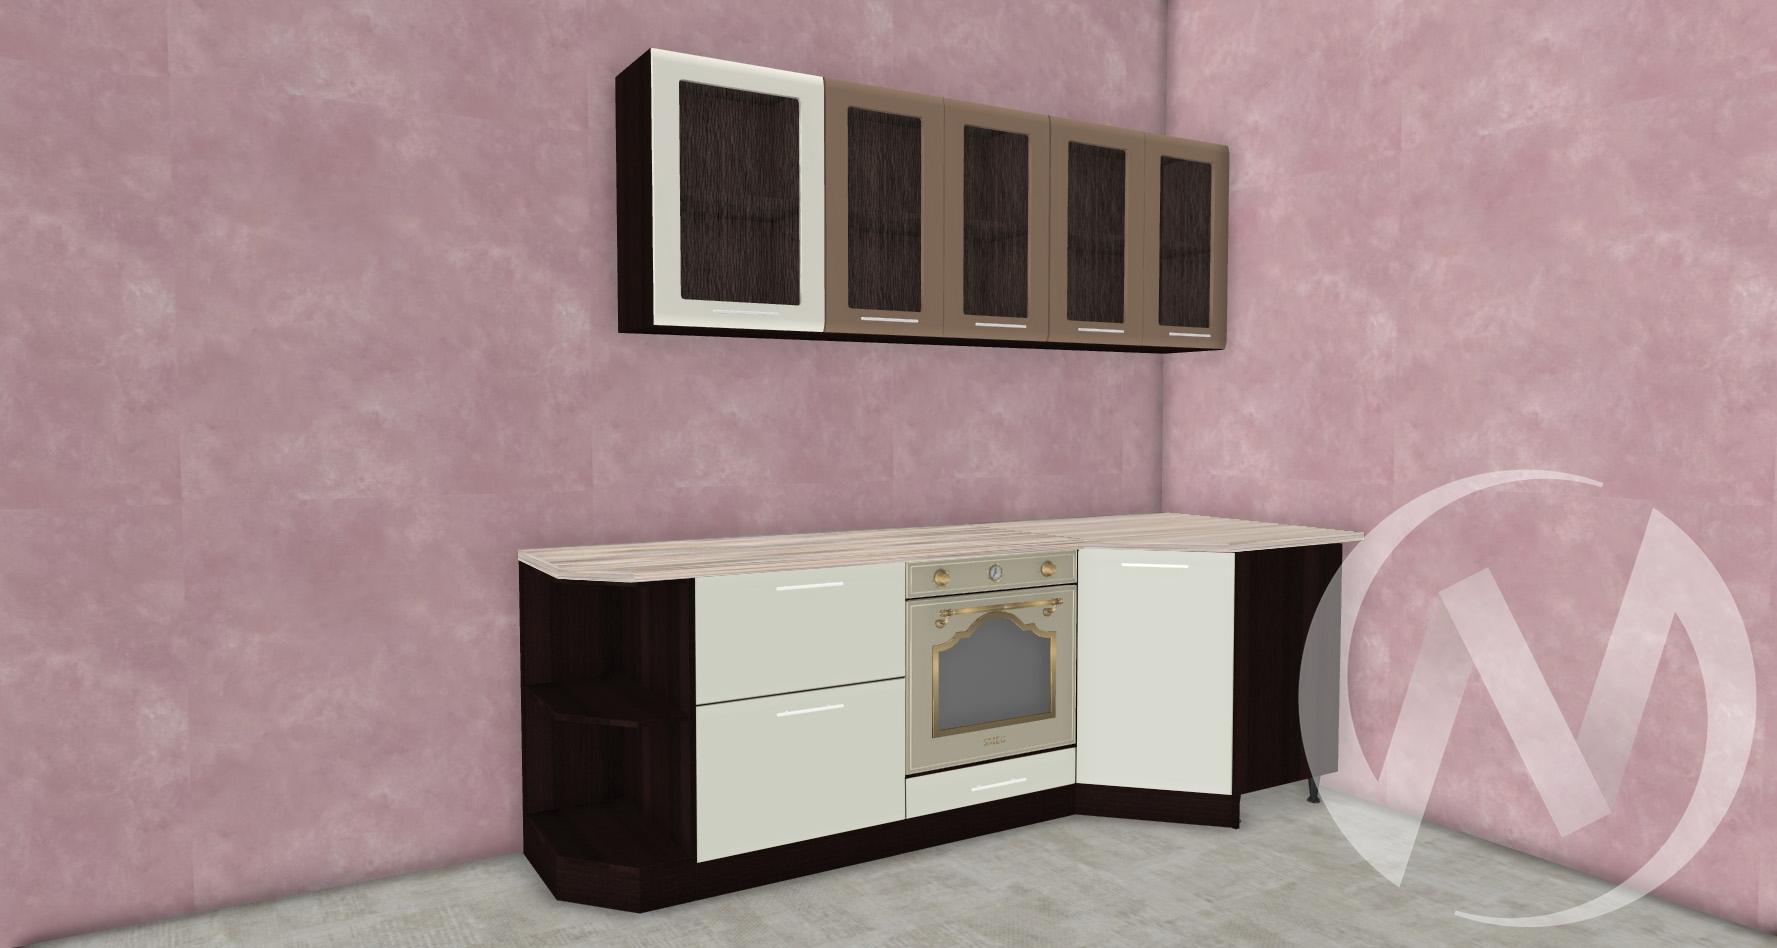 Кухня Люкс шоколад матовый/магнолия матовая угловая 1,2*2,1 №2  в Новосибирске - интернет магазин Мебельный Проспект